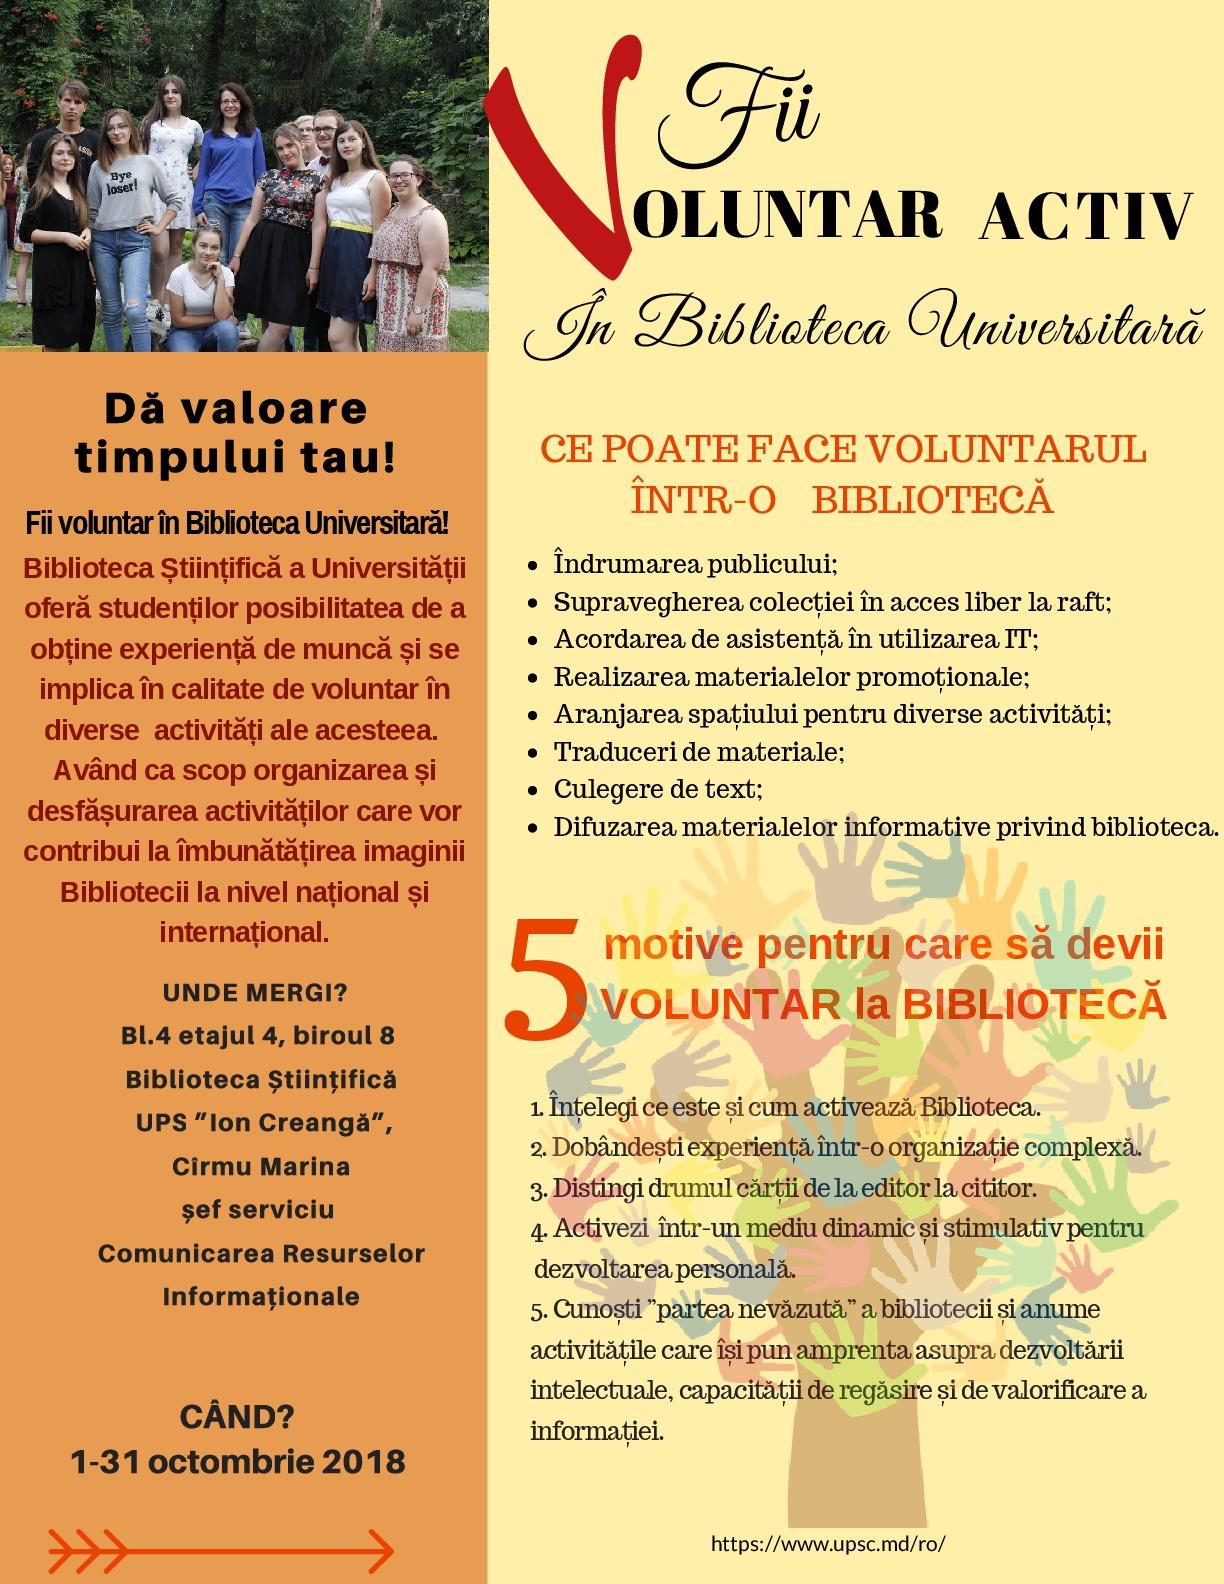 Fii voluntar activ în Biblioteca Universitară